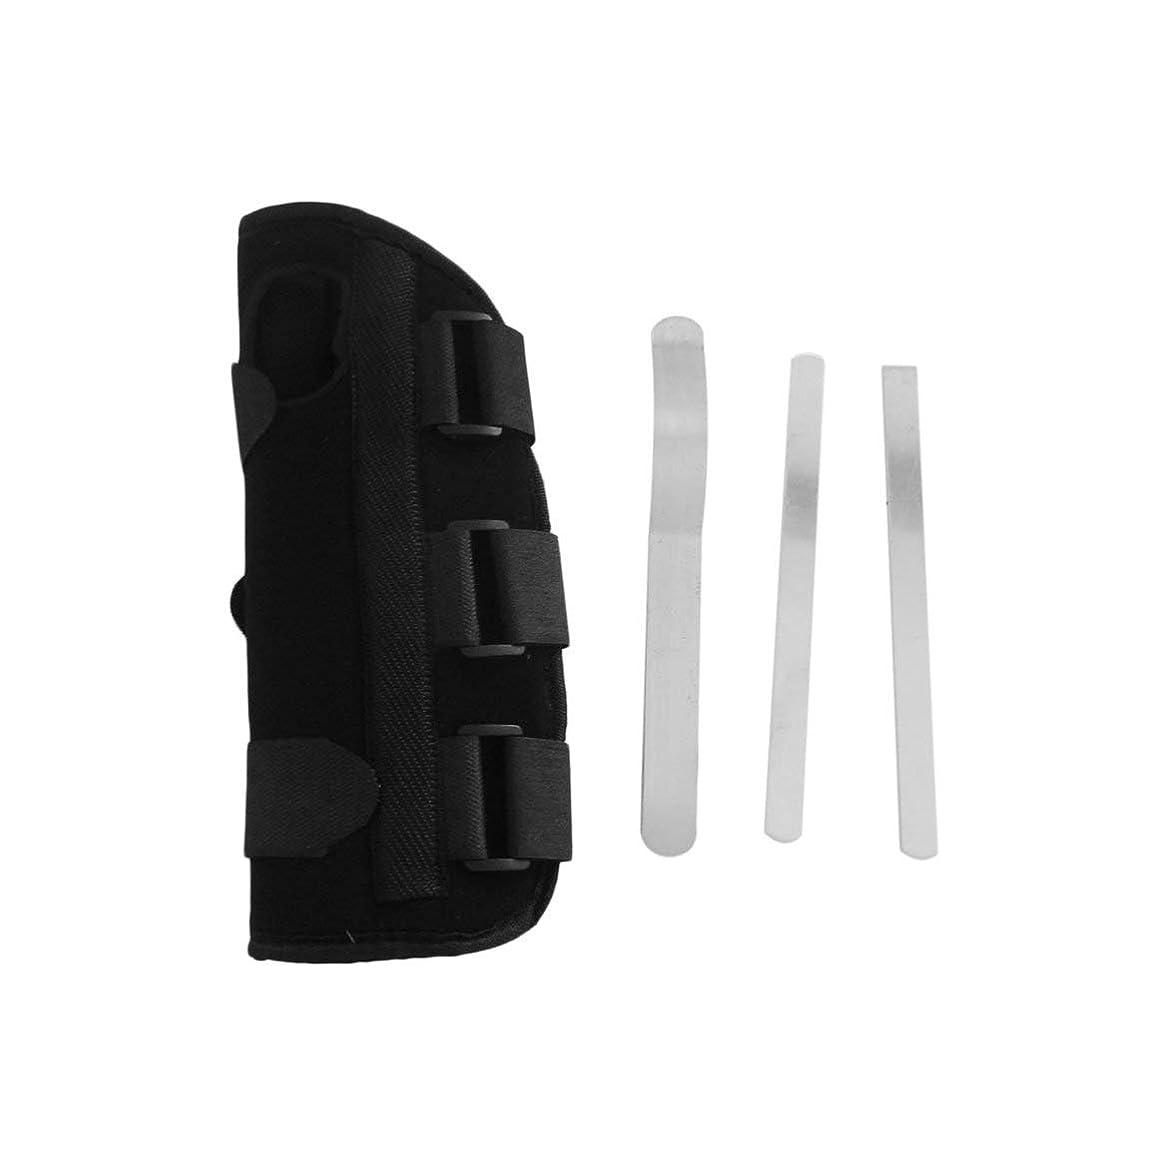 破産解釈的主に手首副木ブレース保護サポートストラップカルペルトンネルCTS RSI痛み軽減リムーバブル副木快適な軽量ストラップ - ブラックM